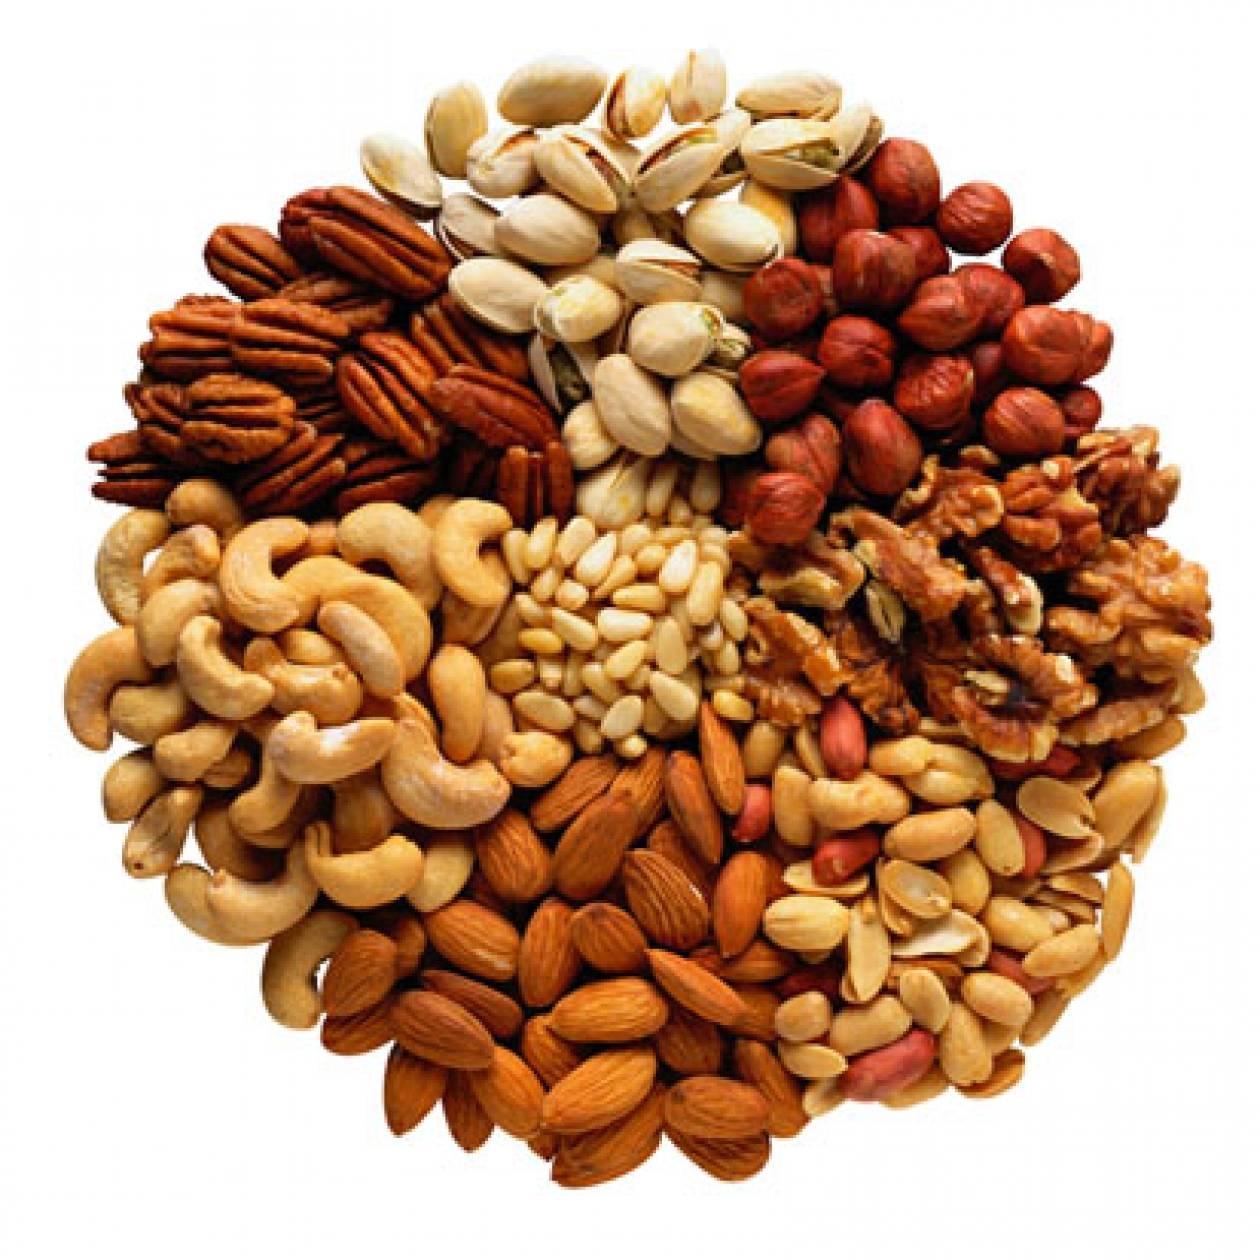 Οι ξηροί καρποί «φάρμακο» για τους διαβητικούς